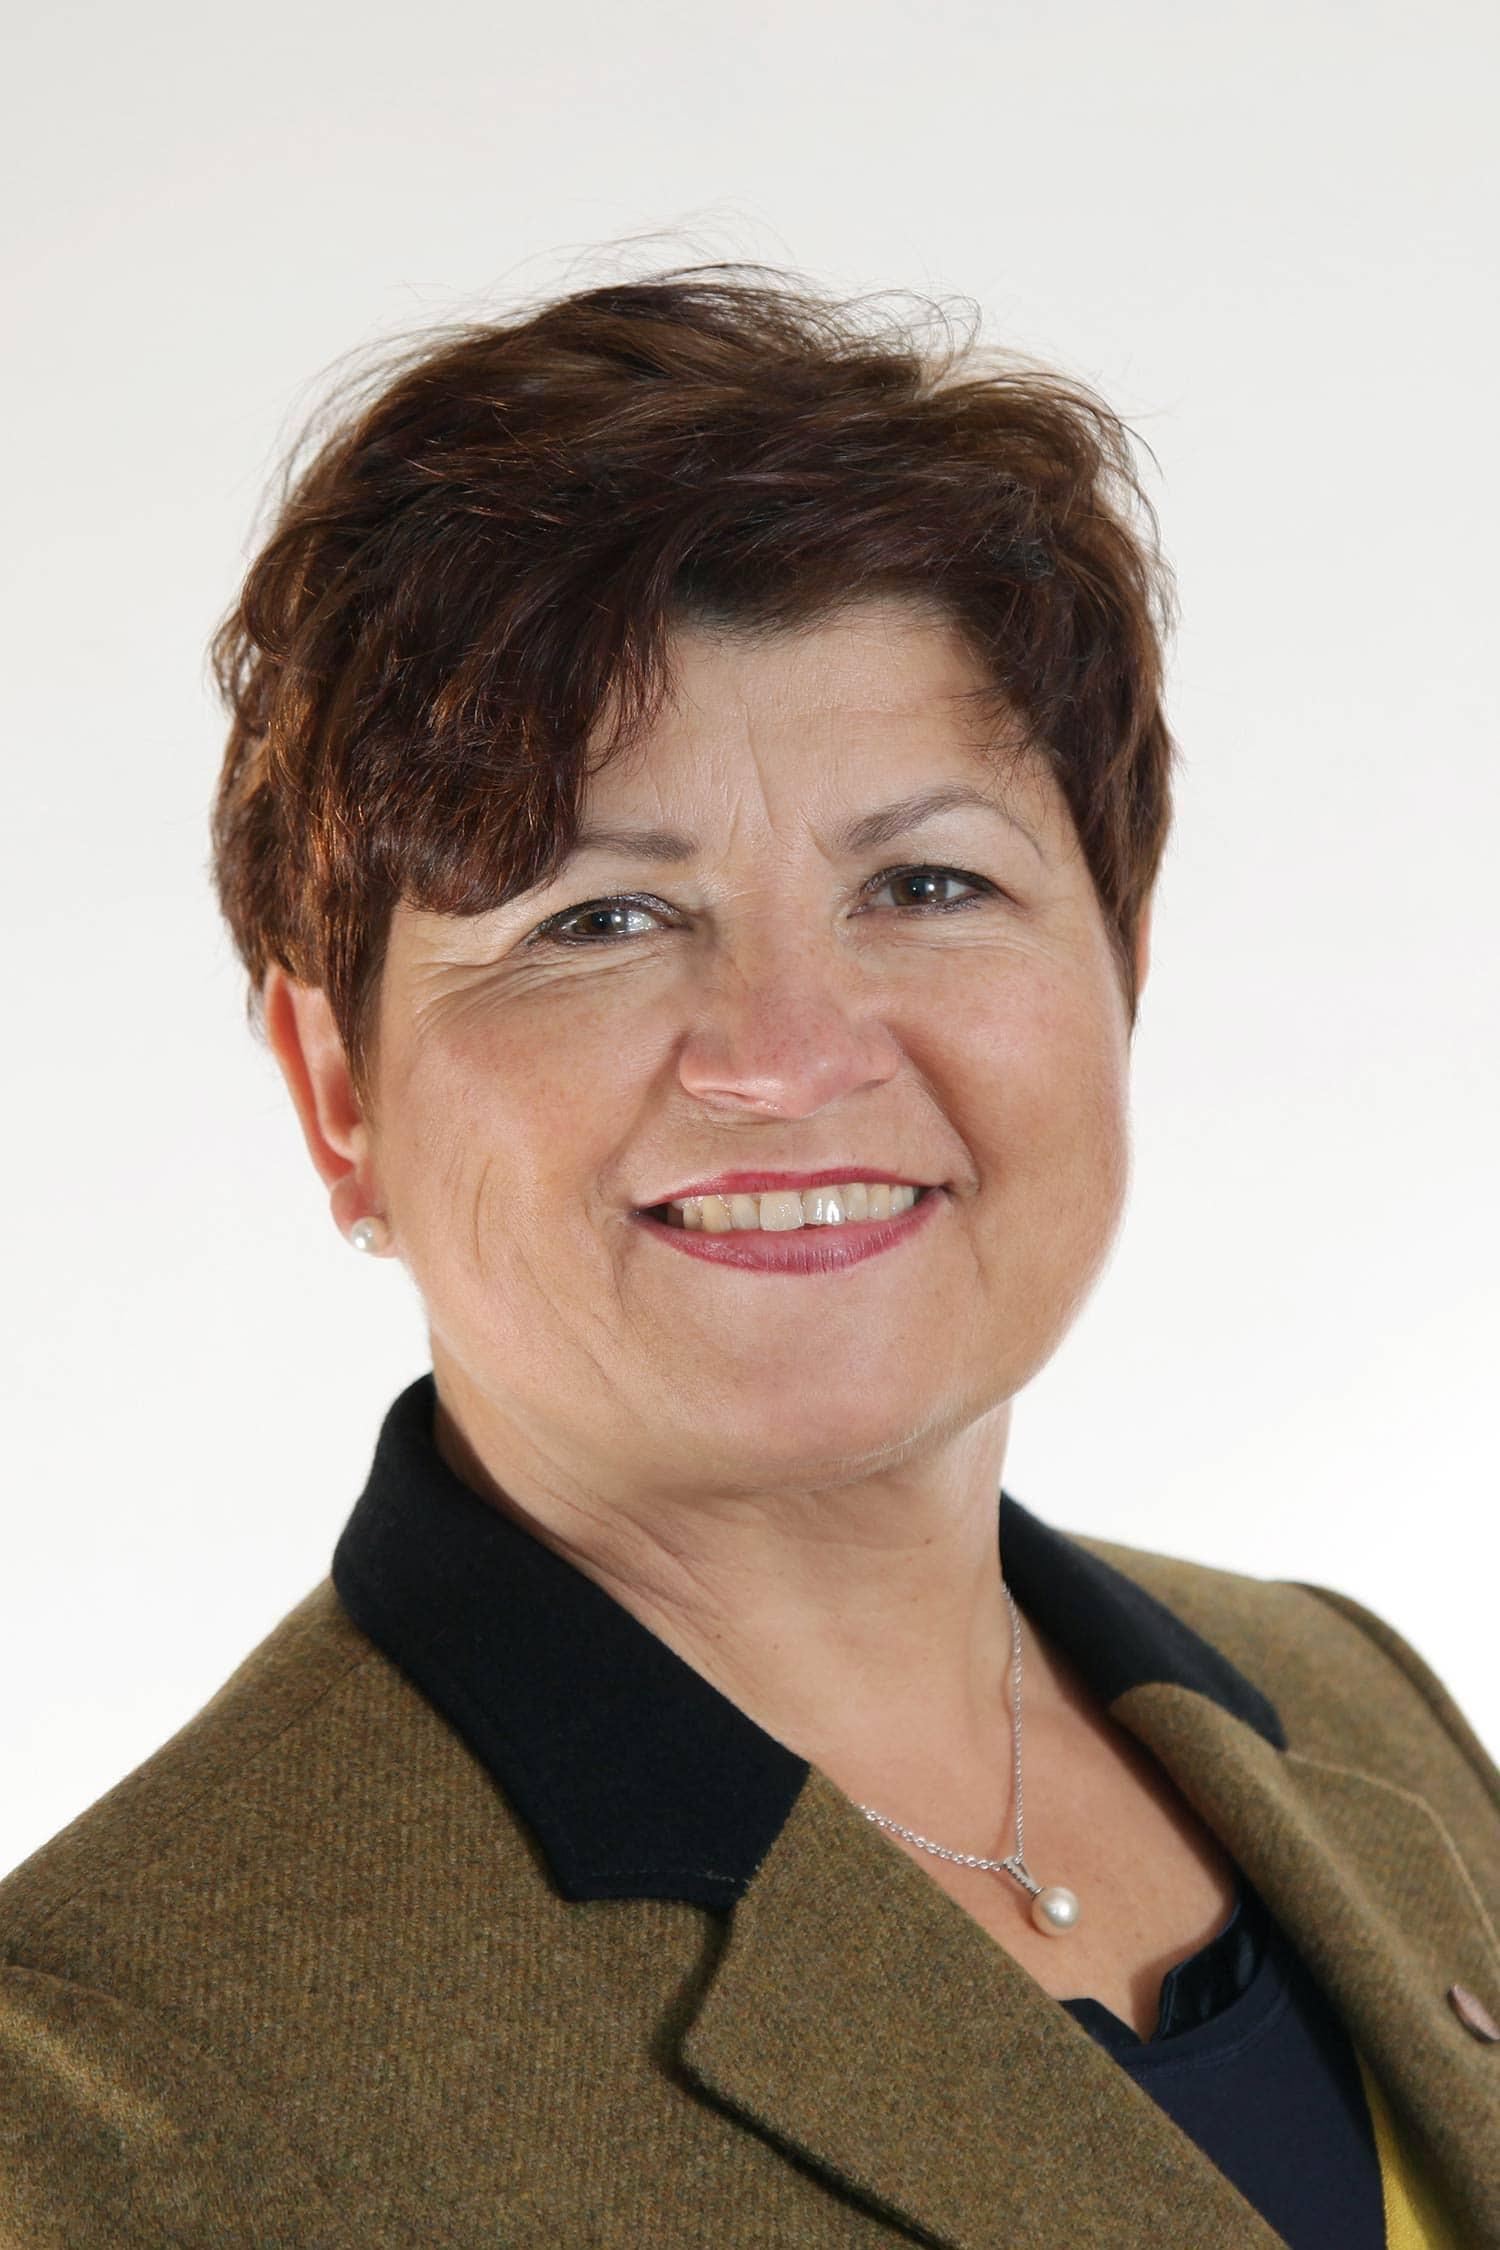 In Brennberg trat die amtierende Bürgermeisterin Irmgard Sauerer (Freie Wählerschaft Brennberg) als einzige Kandidatin an und wurde mit 90,03 Prozent wiedergewählt. 2008 wurde sie mit 57,88 Prozent gewählt und 2014 ohne Gegenkandidaten mit 92,65 Prozent wiedergewählt. Auf 9,97 Prozent der Stimmzettel standen am Sonntag, 15. März, andere, von Wählern vorgeschlagene Personen. Die Wahlbeteiligung liegt bei 70,01 Prozent.